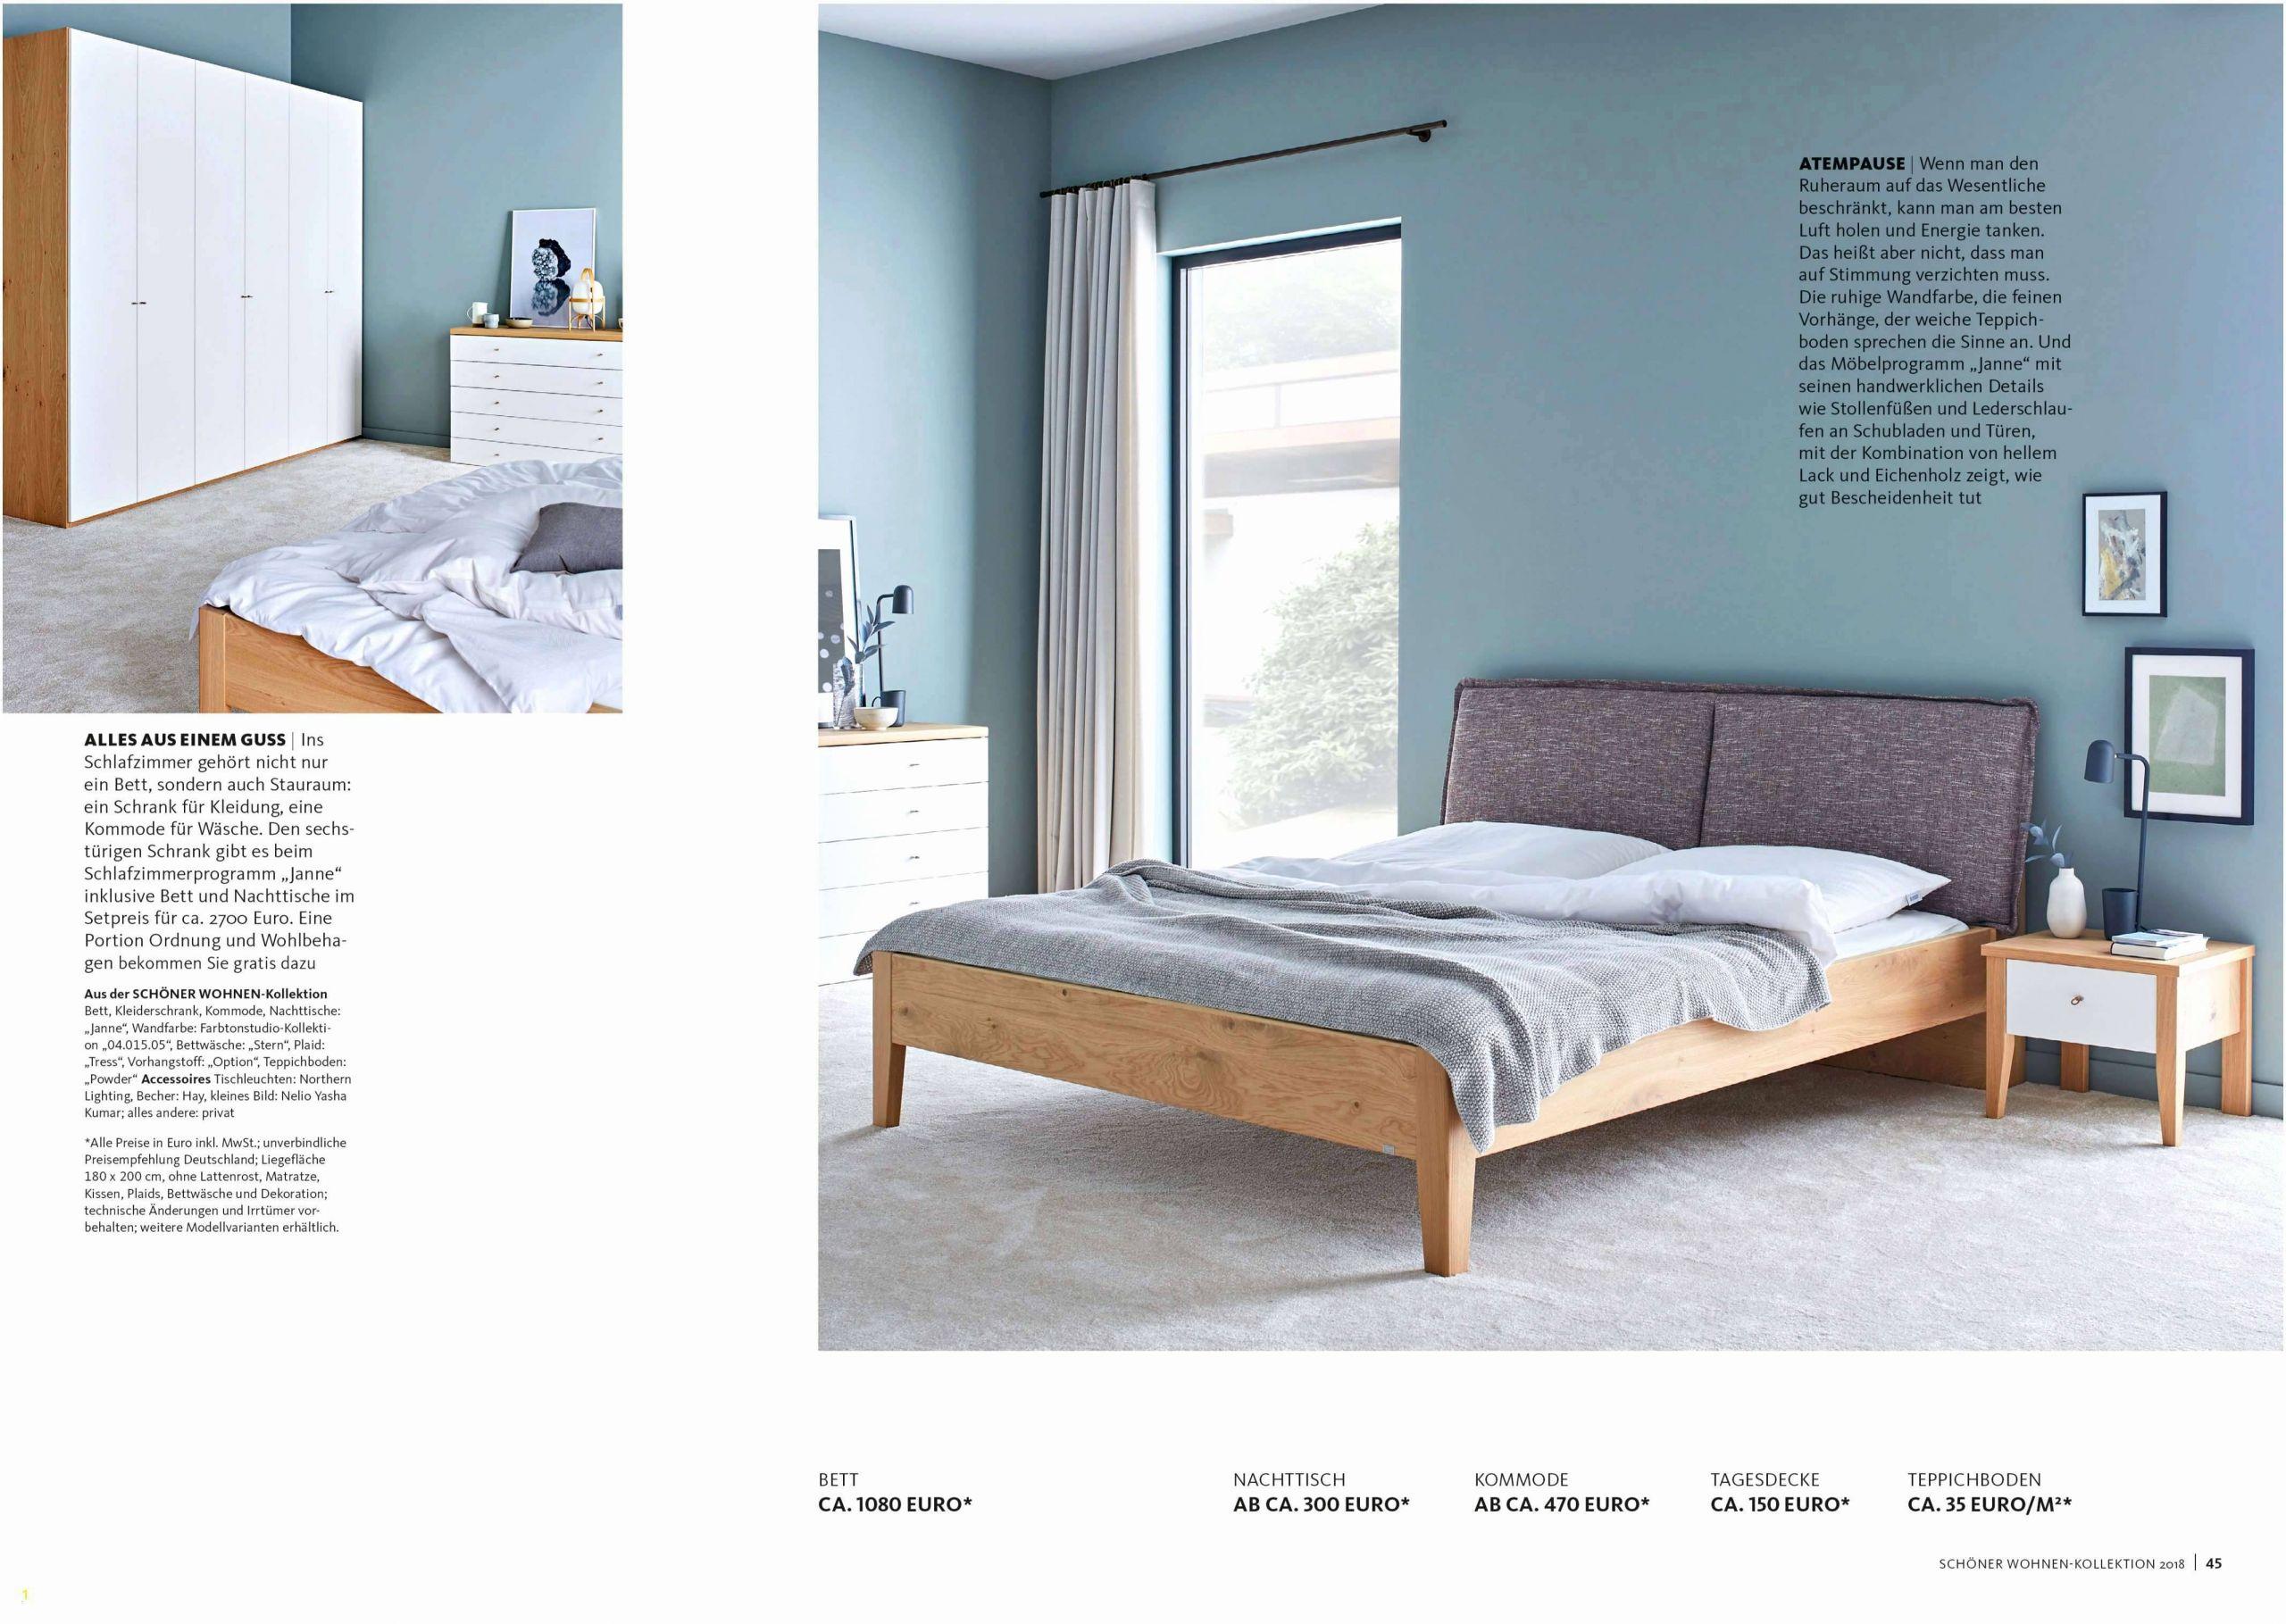 deko ideen selbermachen wohnzimmer inspirational 45 schon dekoideen wohnzimmer foto of deko ideen selbermachen wohnzimmer